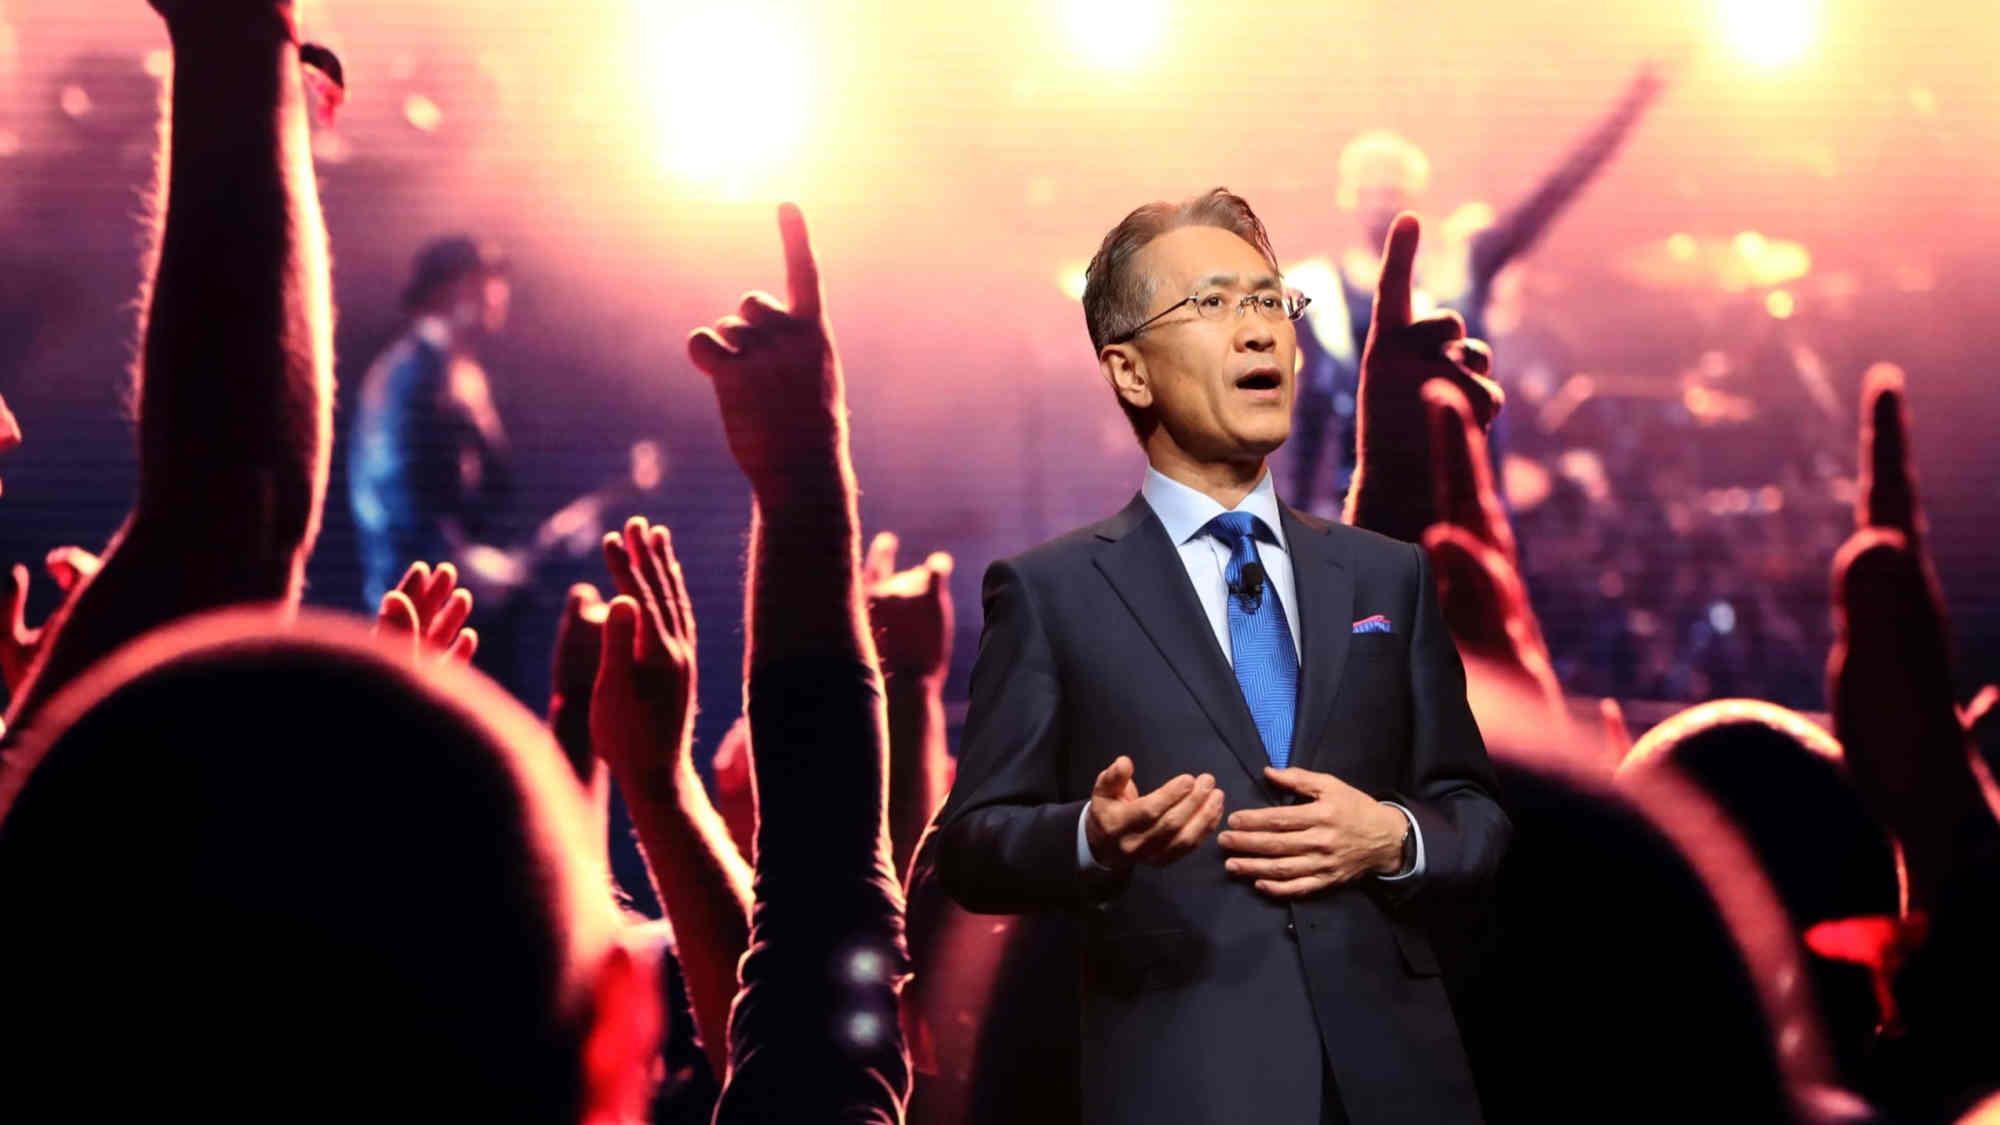 """CEO Sony tin """"tính đa dạng"""" sẽ giúp họ thích nghi với thế giới COVID-19 tạo ra"""